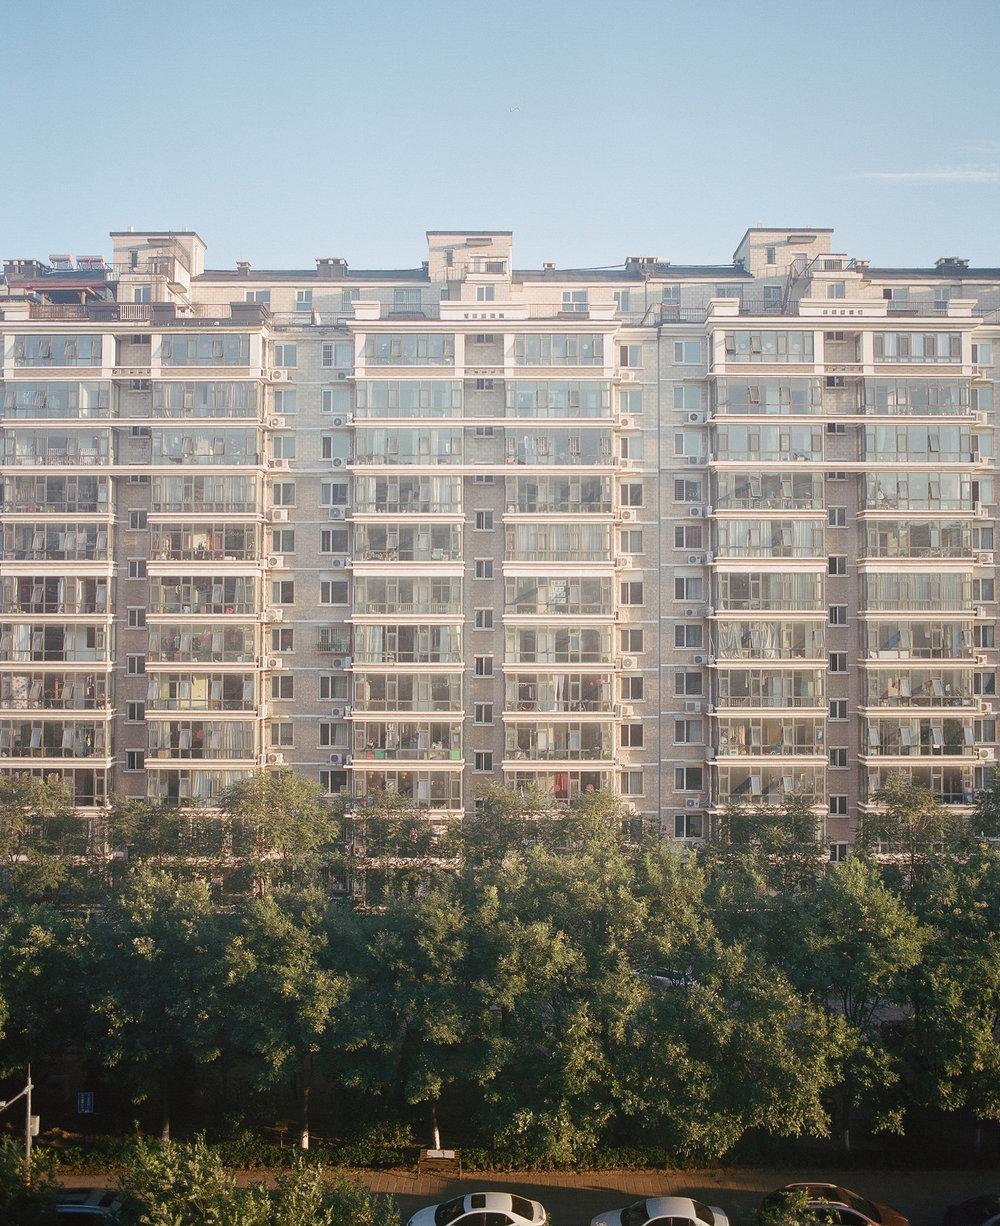 honda-wang-pentax-67-medium-format-film-camera-film-objektiv-100-words-1.jpg